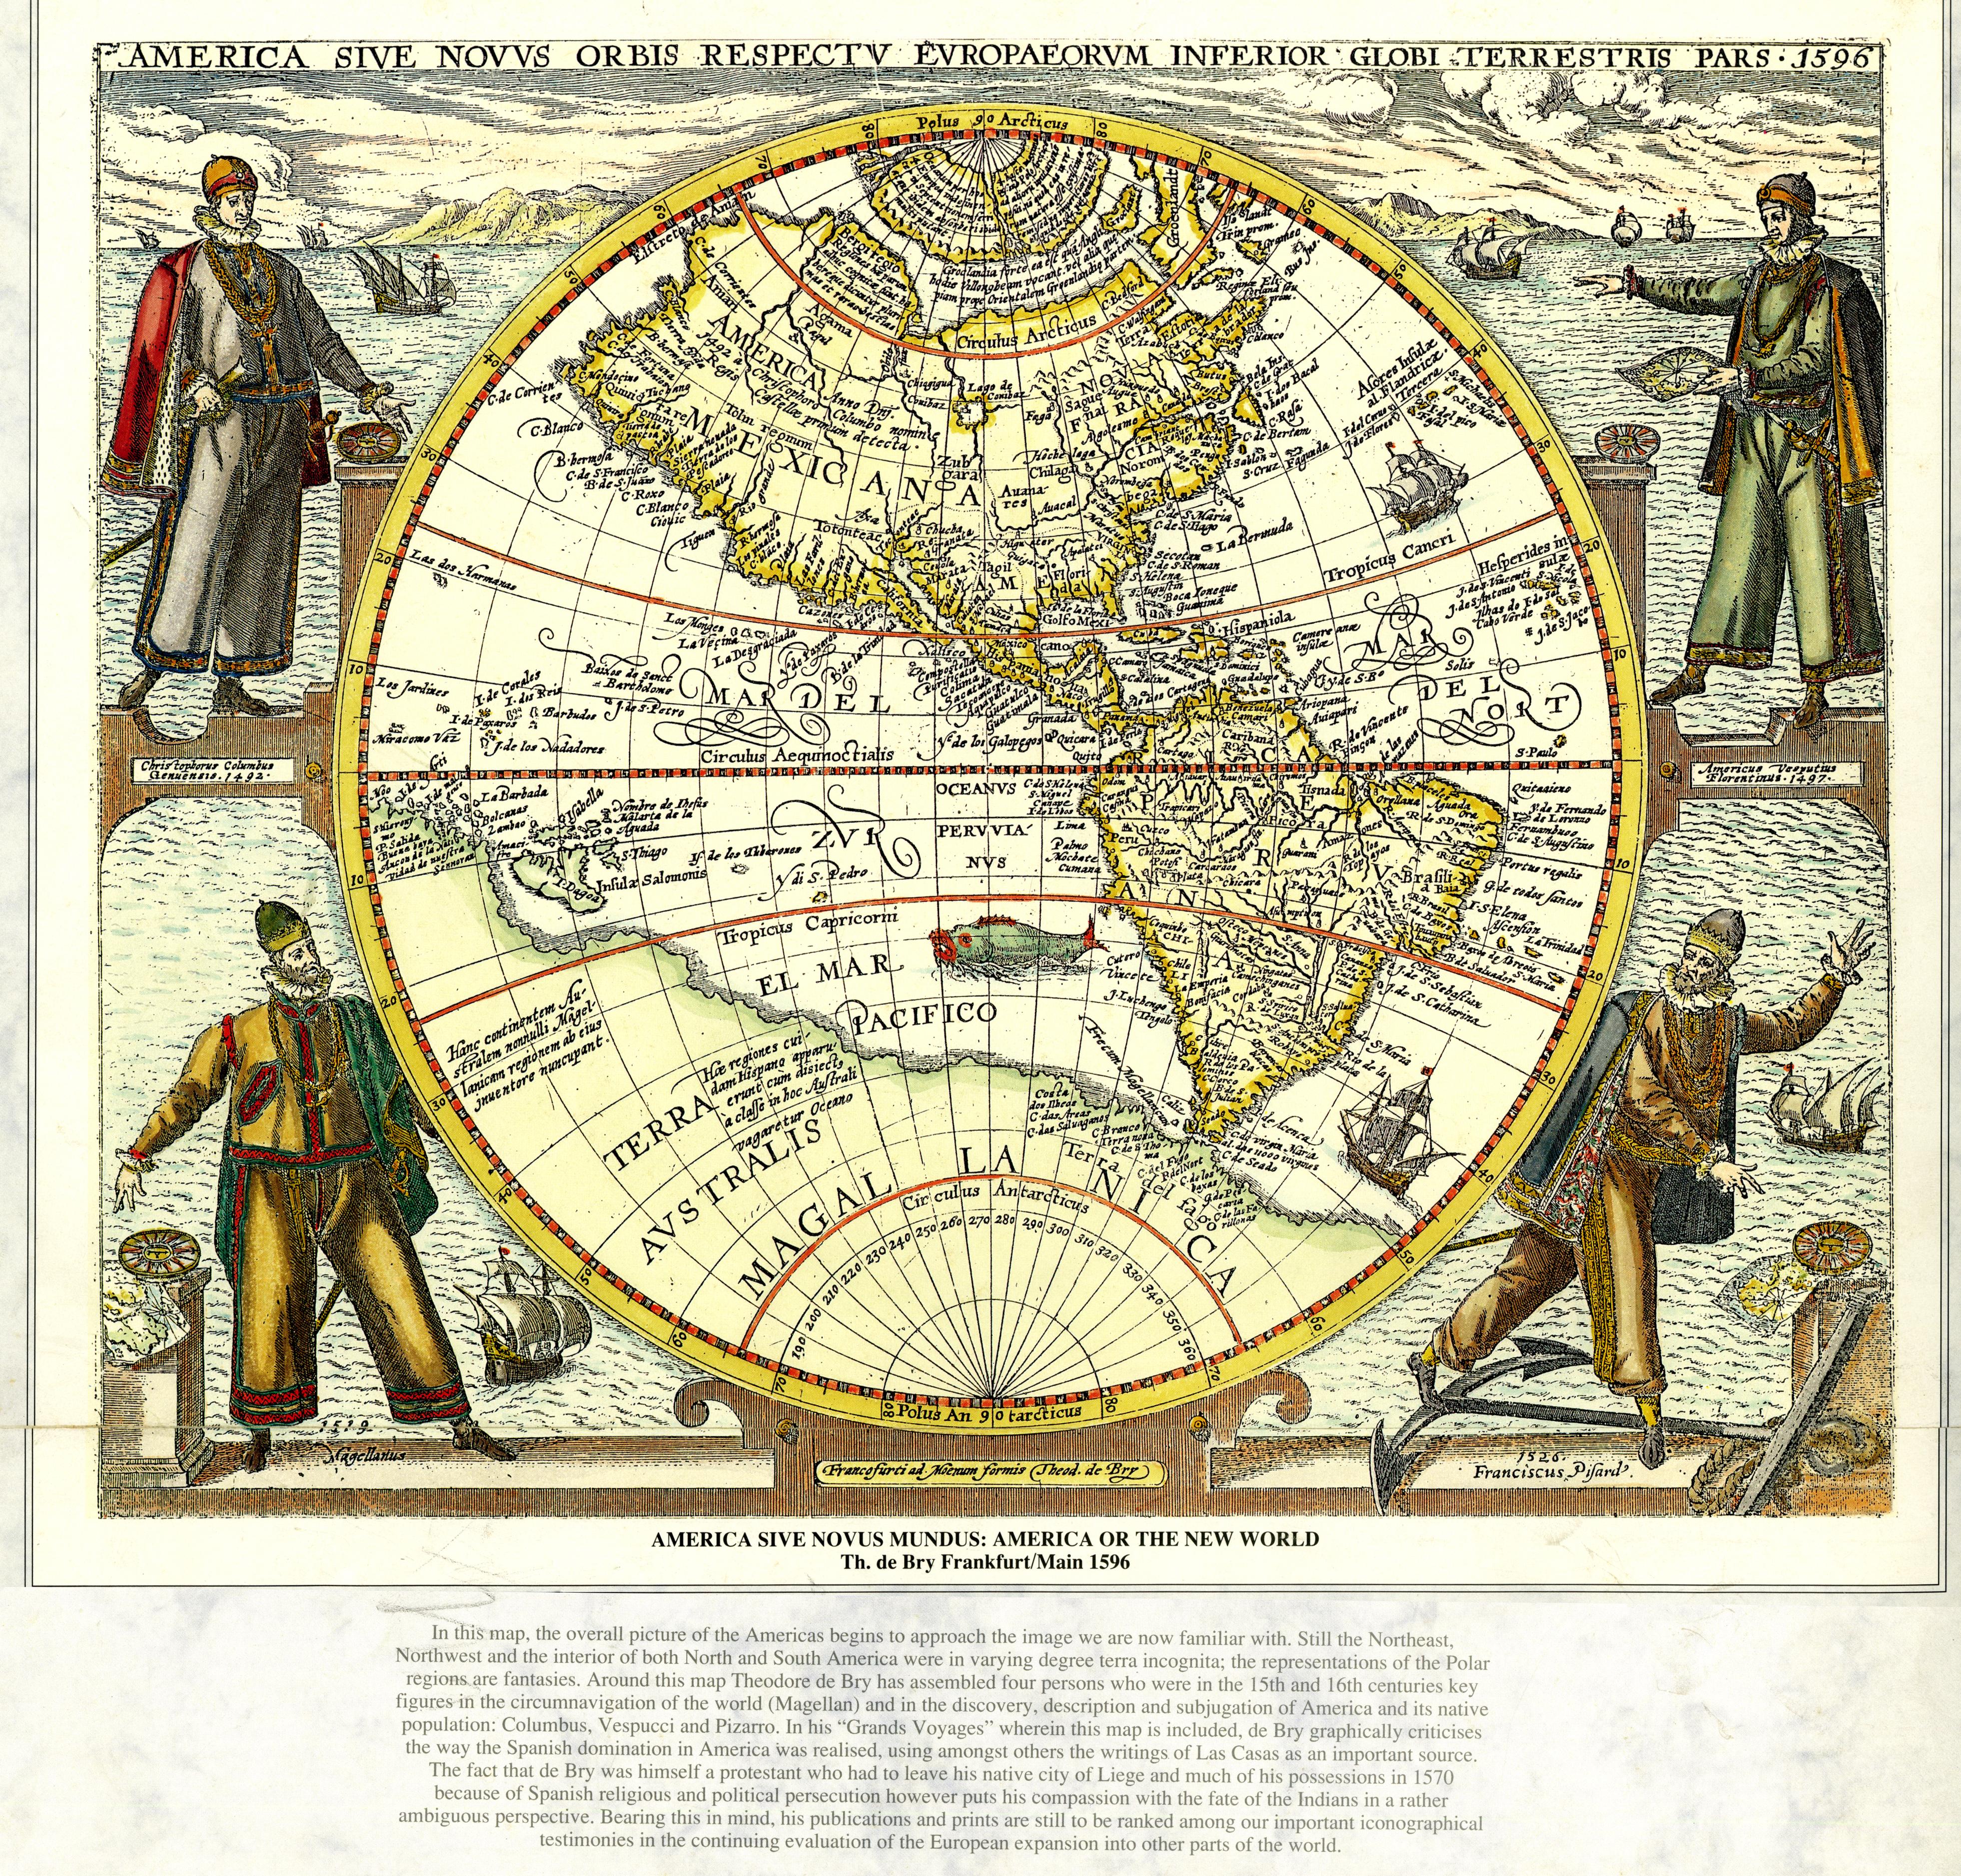 File:Nuevo Mundo llamado América (1596) por Theodoro de Bry - AHG.